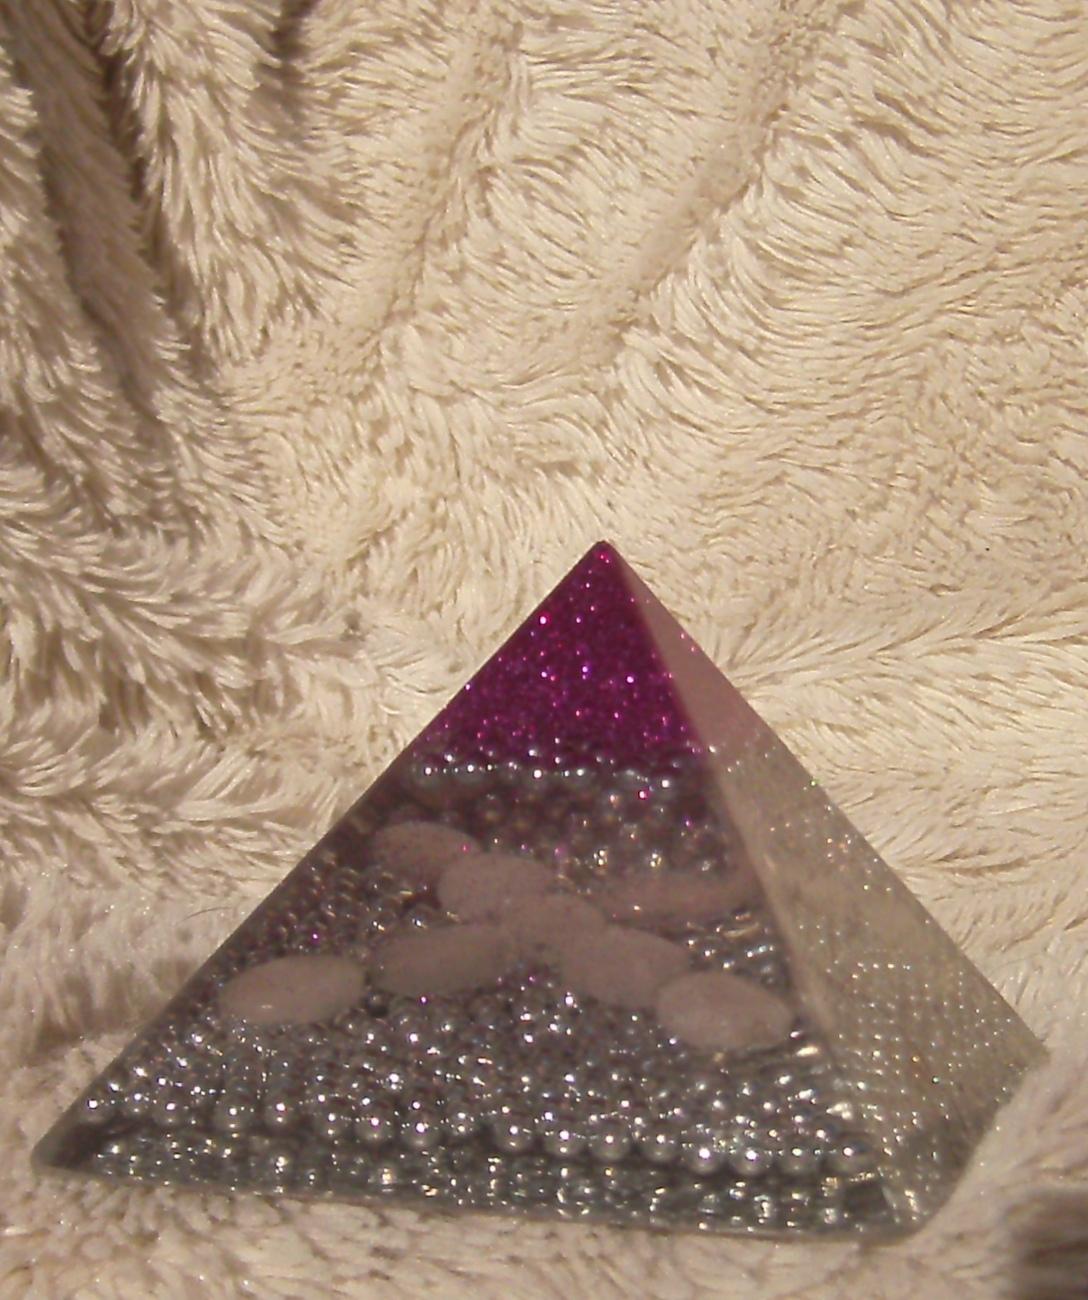 Orgone Energy Pyramid with Rose Quartz